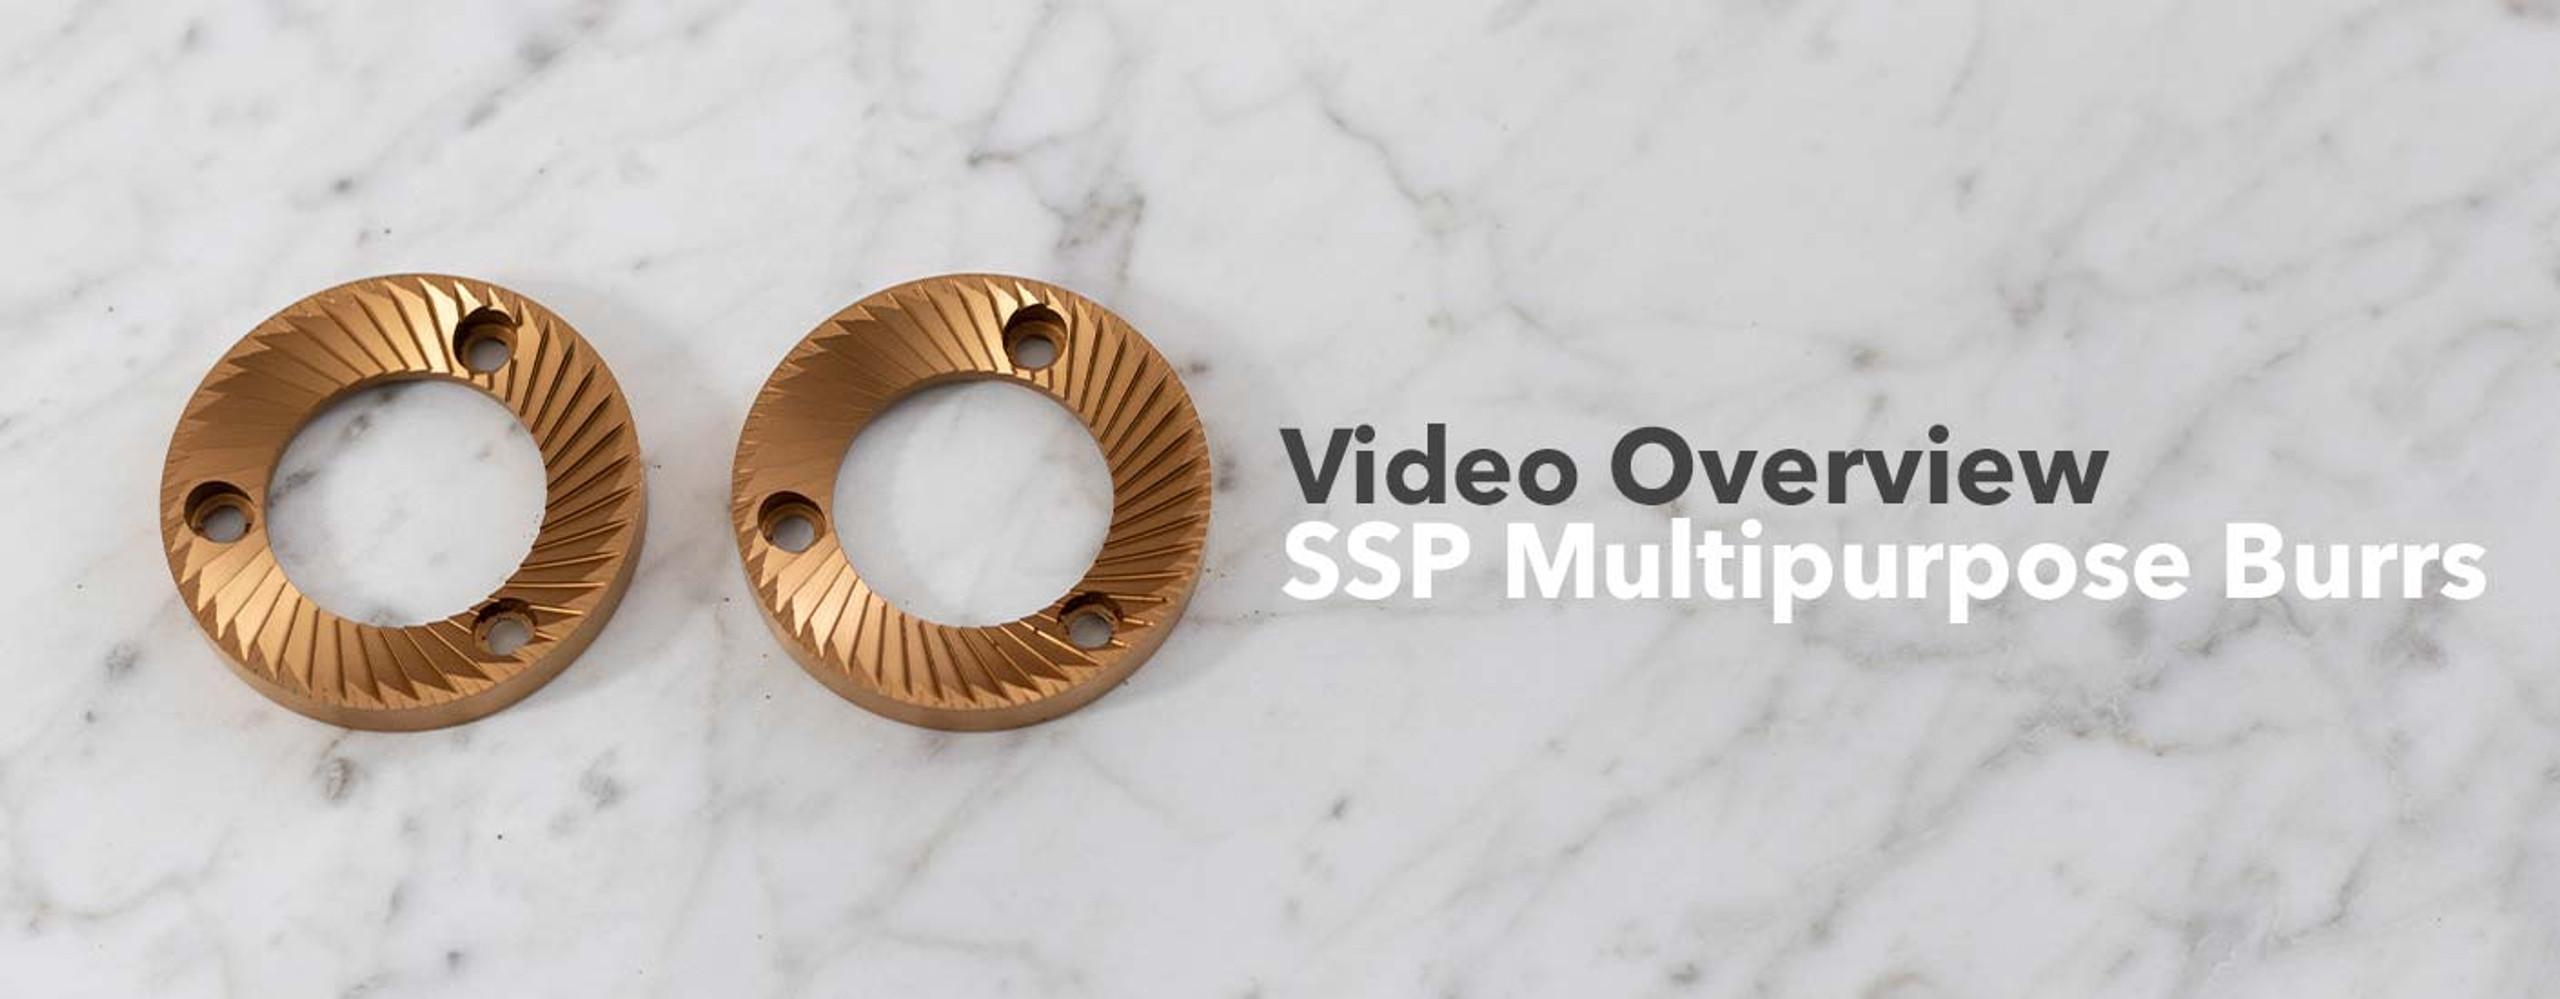 SSP Multipurpose Burrs